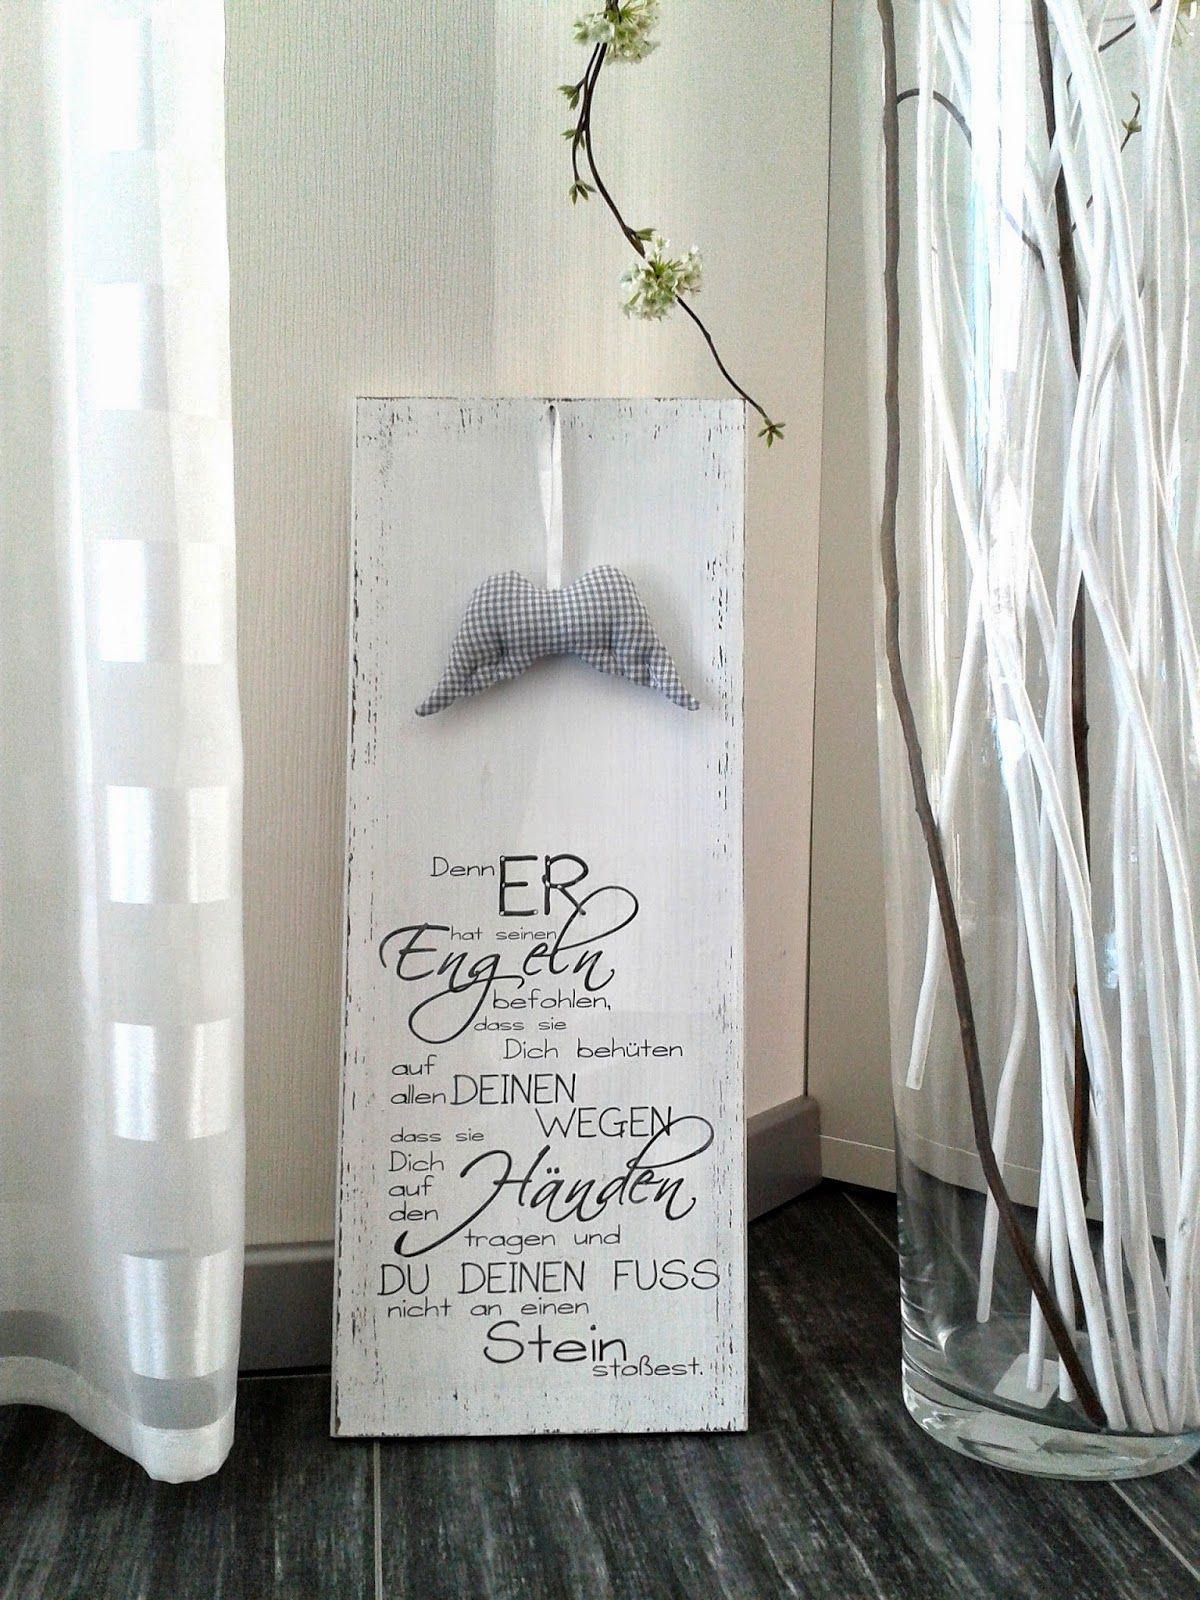 pfeiferei patengeschenk einfach sch n geschenk f r. Black Bedroom Furniture Sets. Home Design Ideas